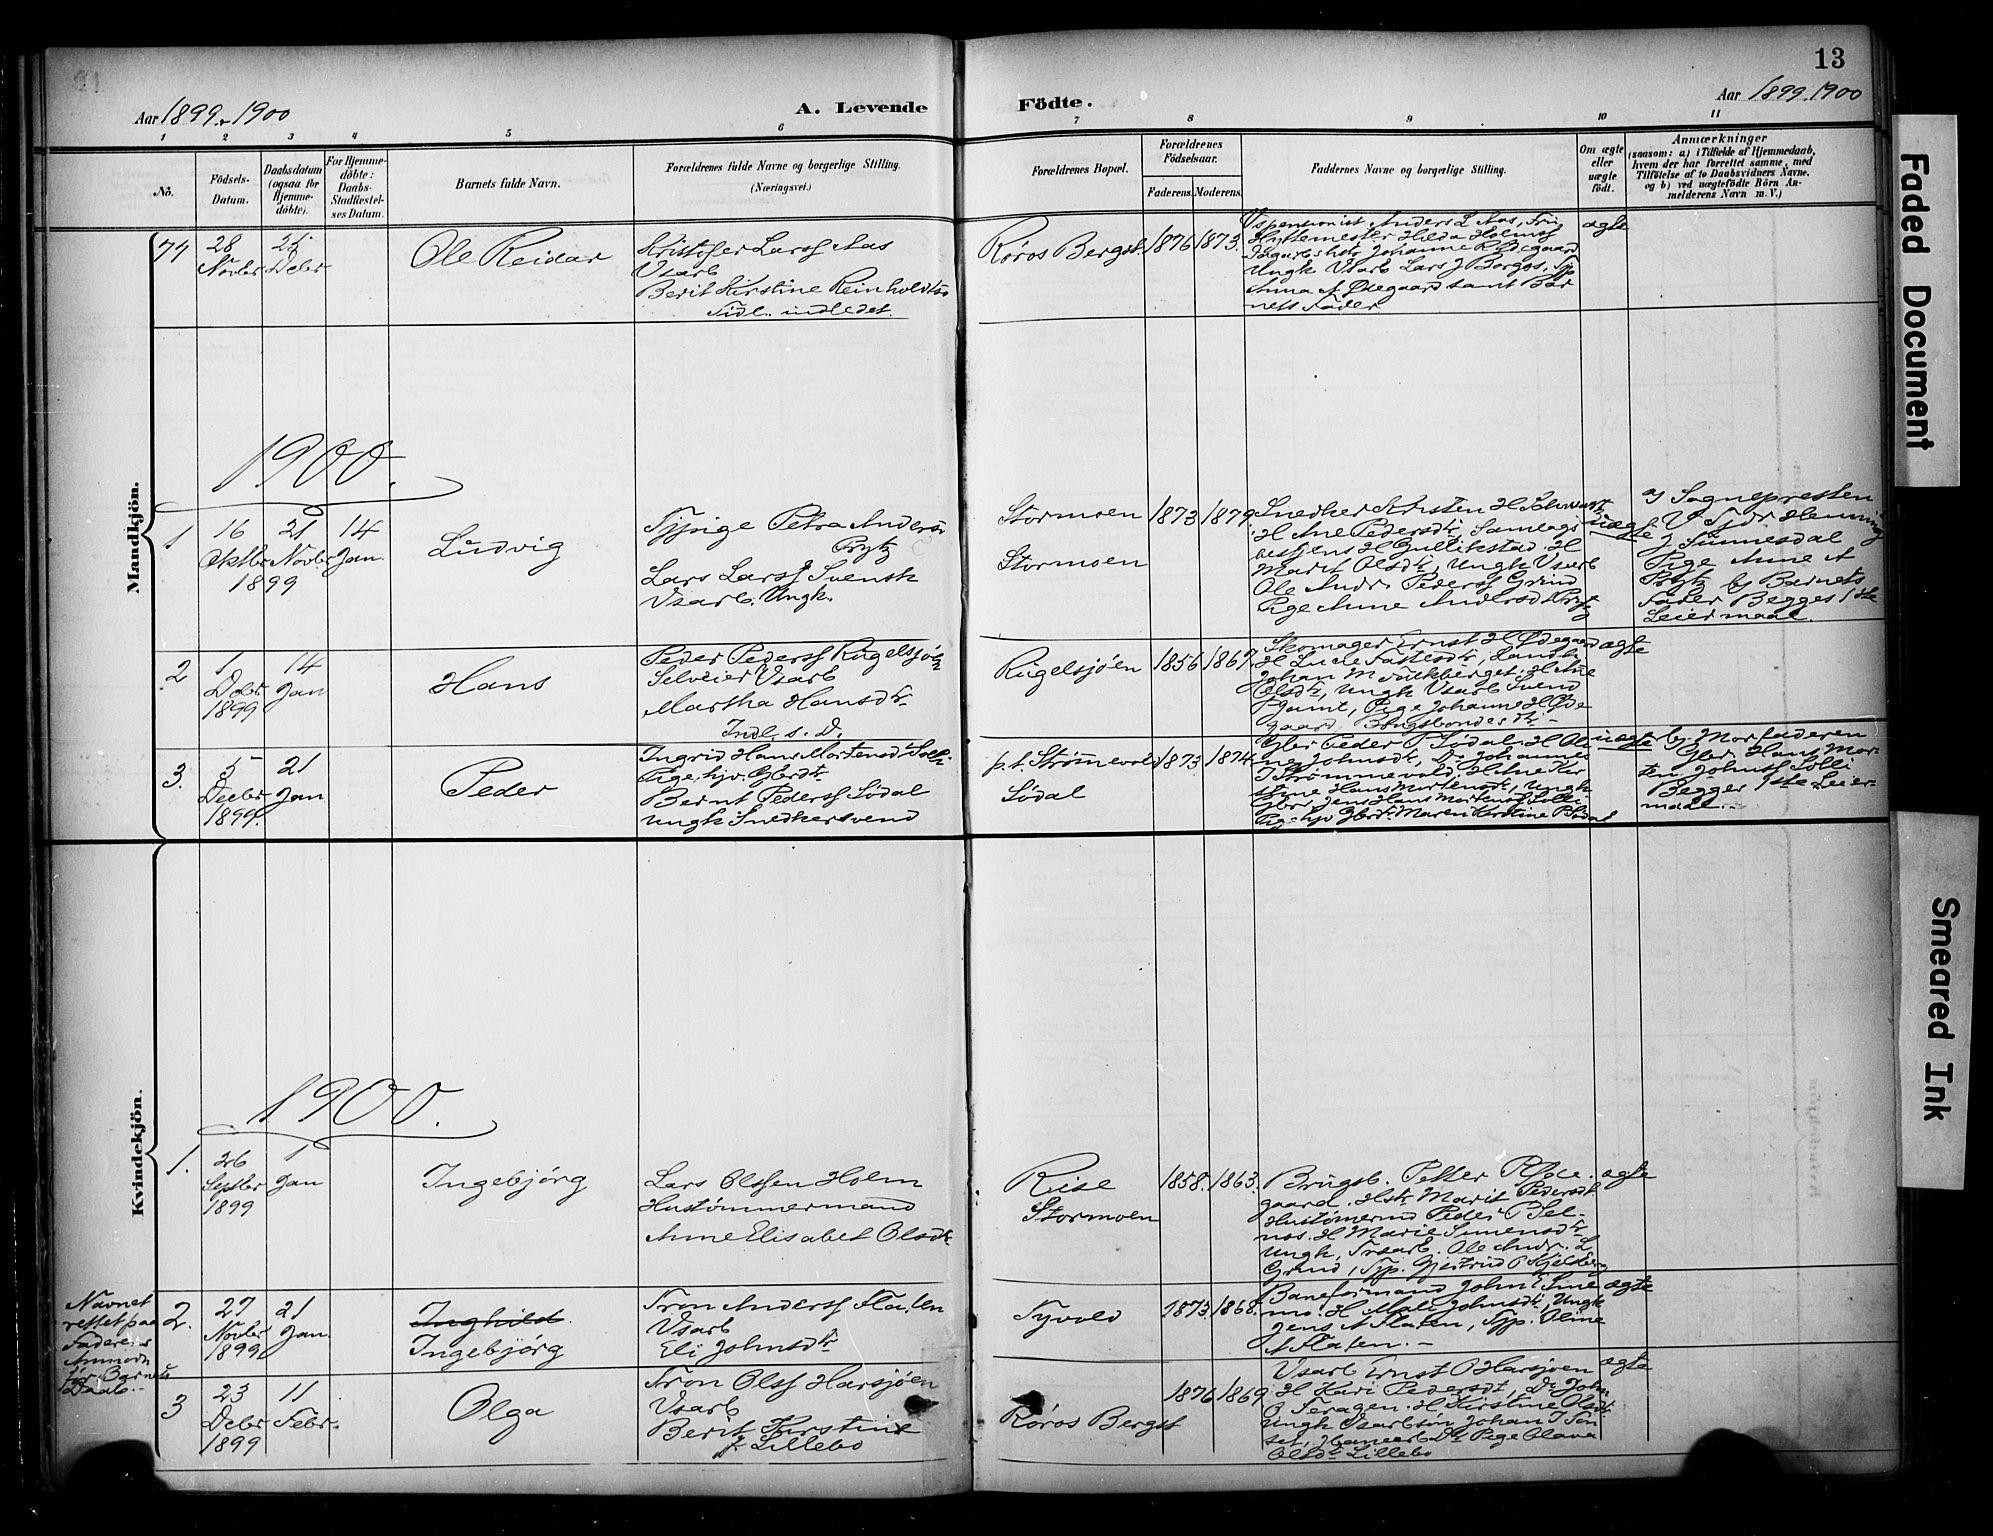 SAT, Ministerialprotokoller, klokkerbøker og fødselsregistre - Sør-Trøndelag, 681/L0936: Ministerialbok nr. 681A14, 1899-1908, s. 13